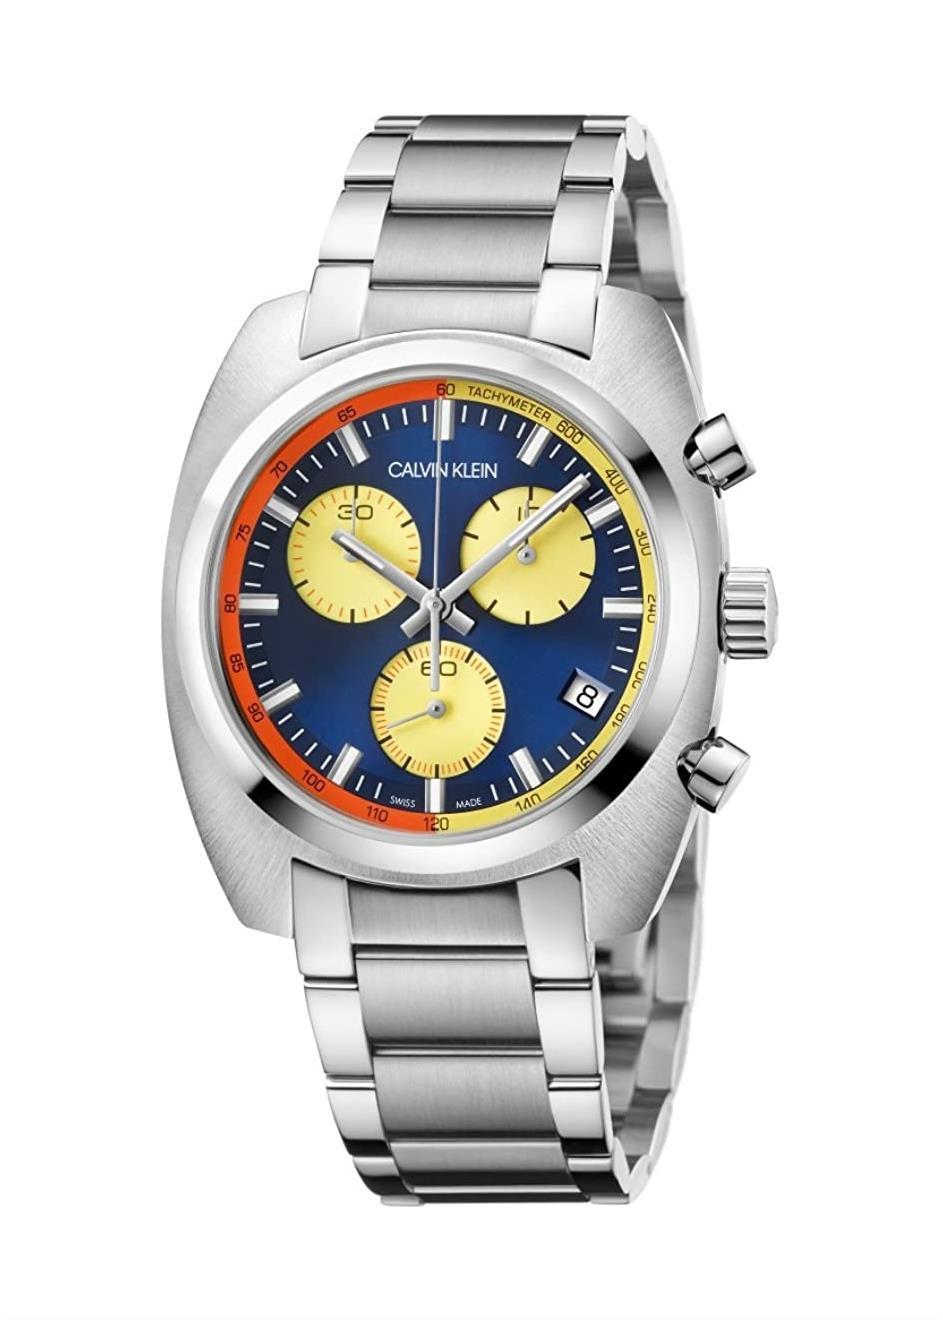 CK CALVIN KLEIN Ladies Wrist Watch Model ACHIEVE K8W3714N